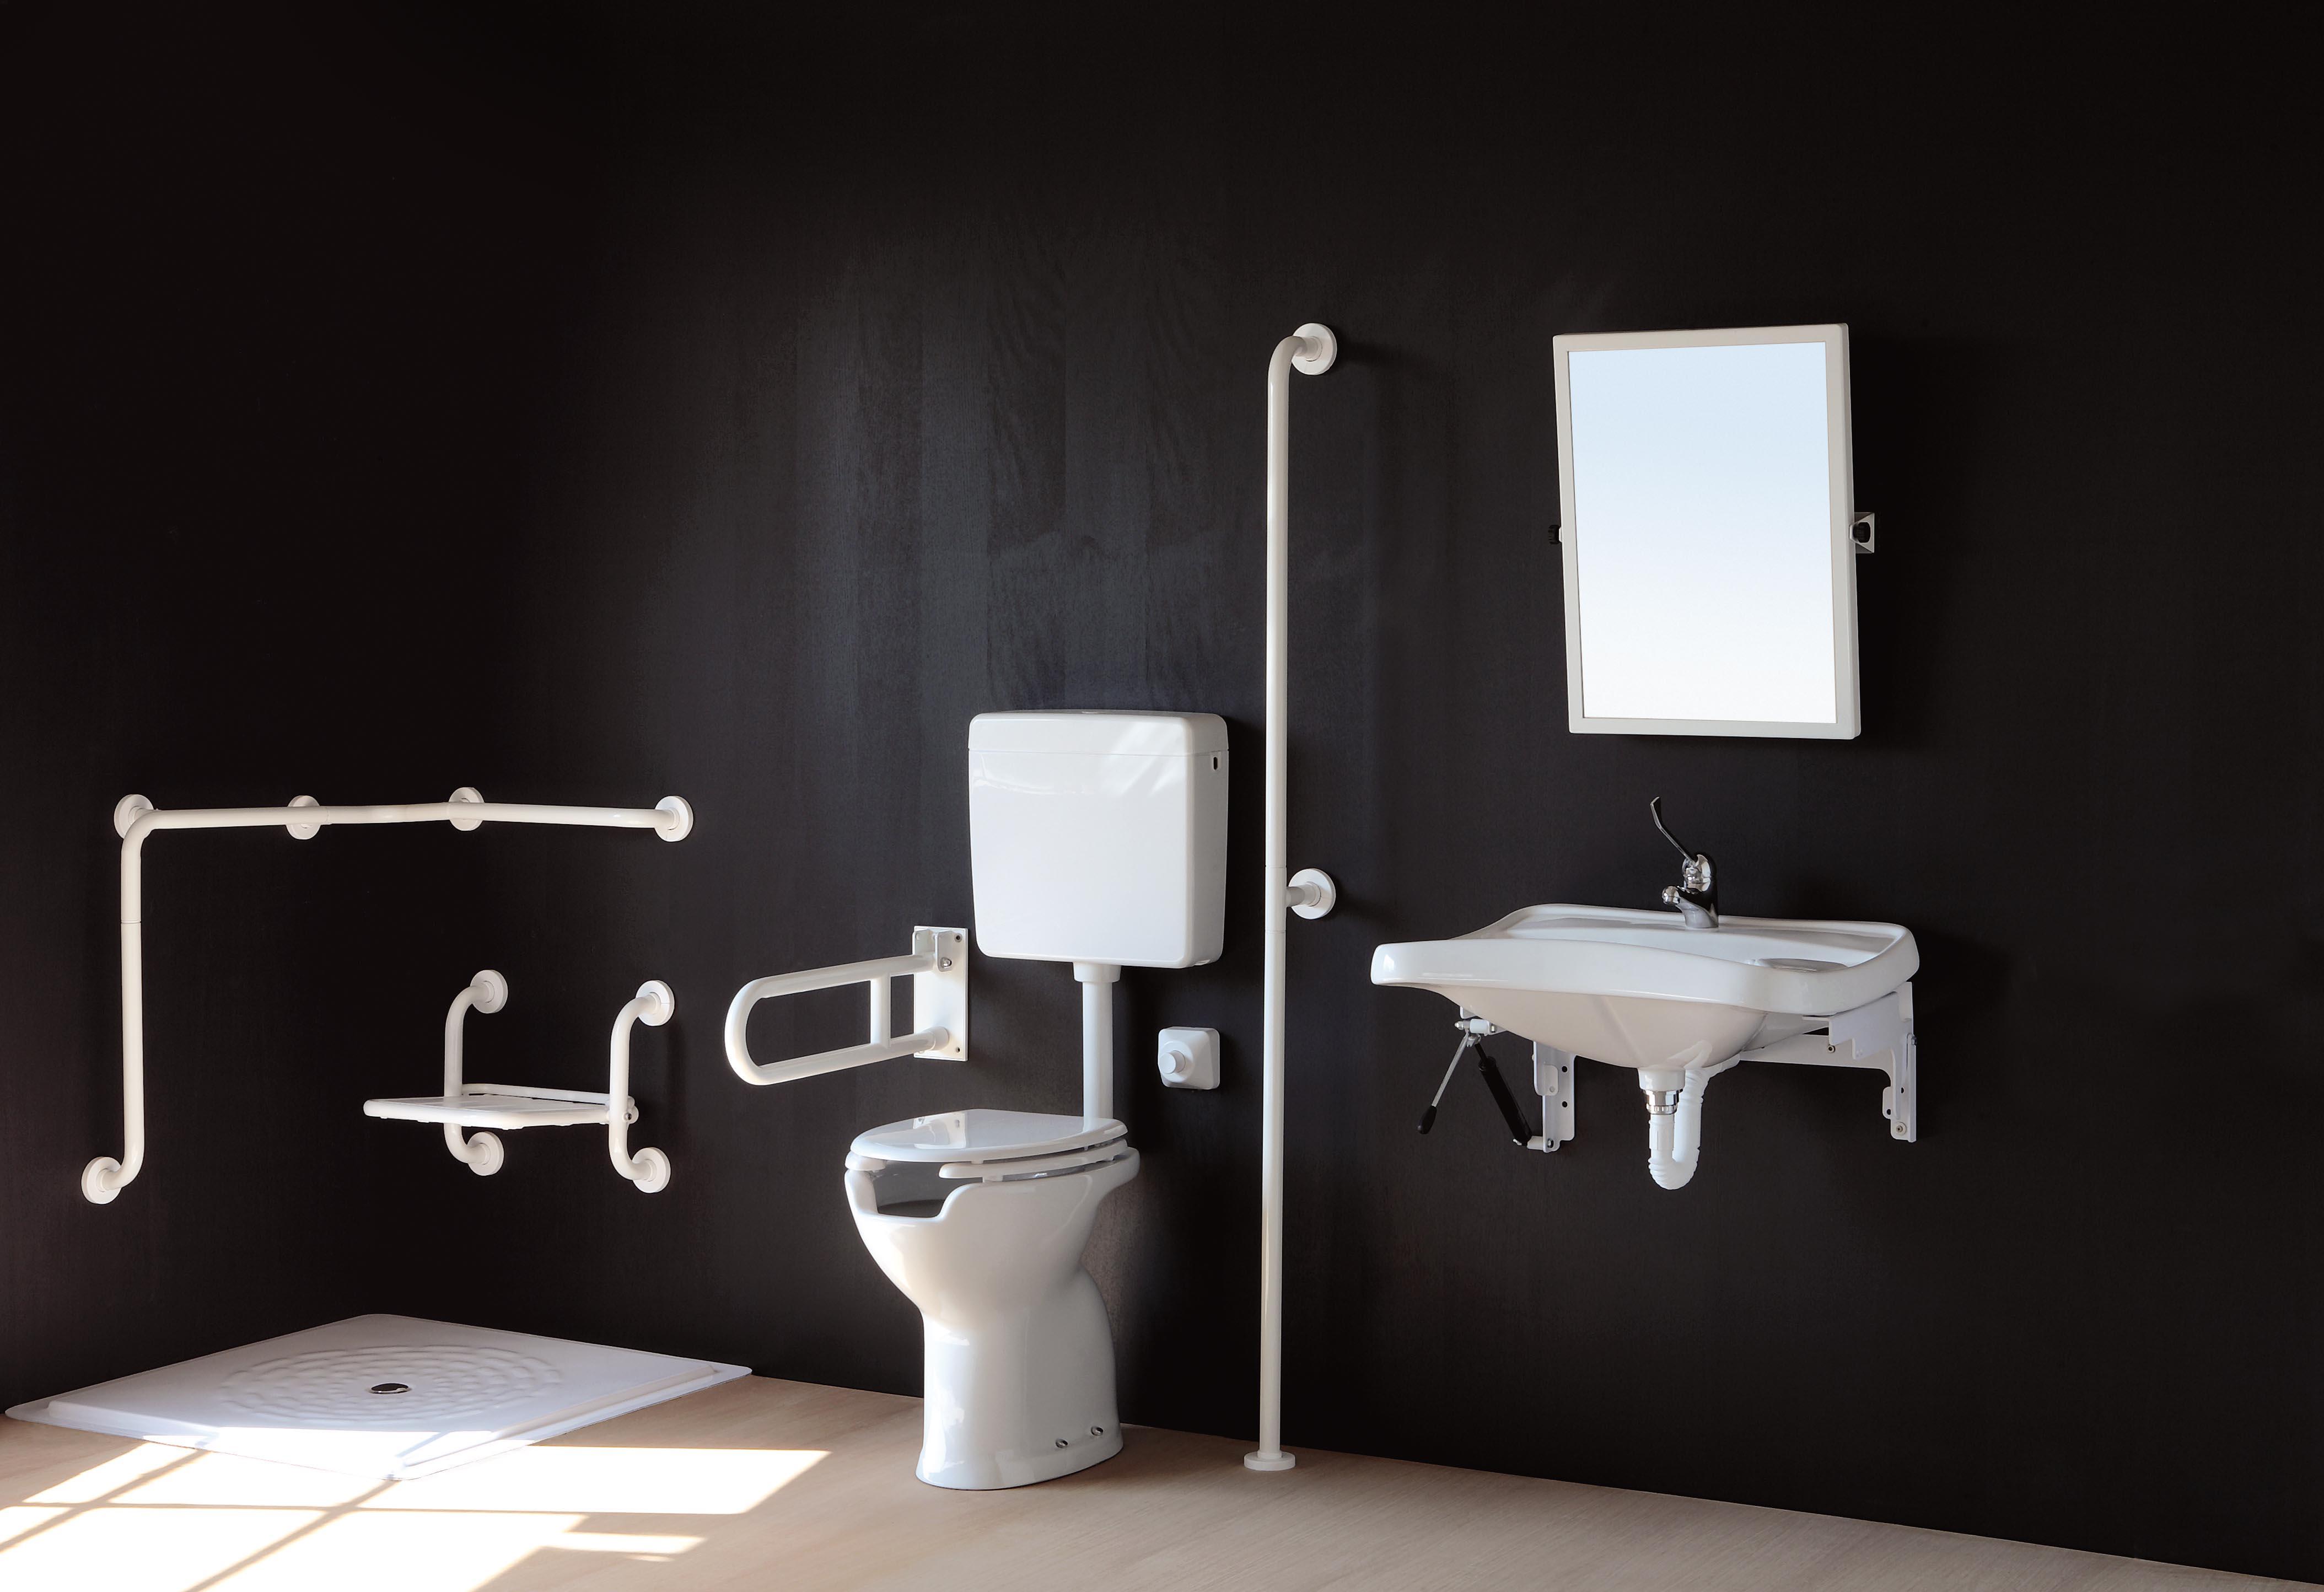 Dalle ceramiche alla rubinetteria gt il giornale del - Attrezzature per disabili bagno ...